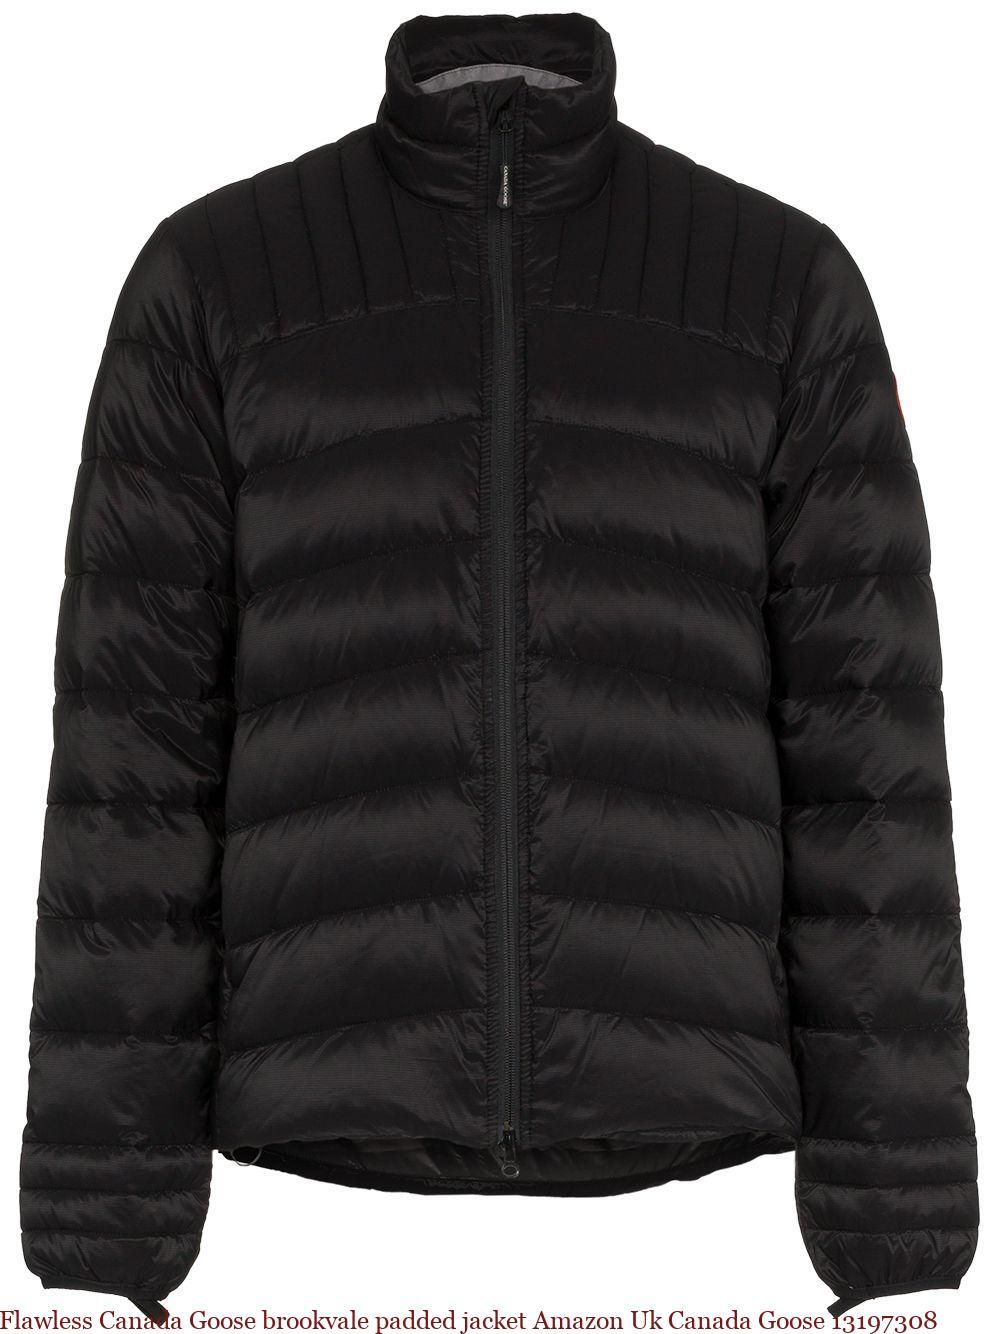 Flawless Canada Goose Brookvale Padded Jacket Amazon Uk